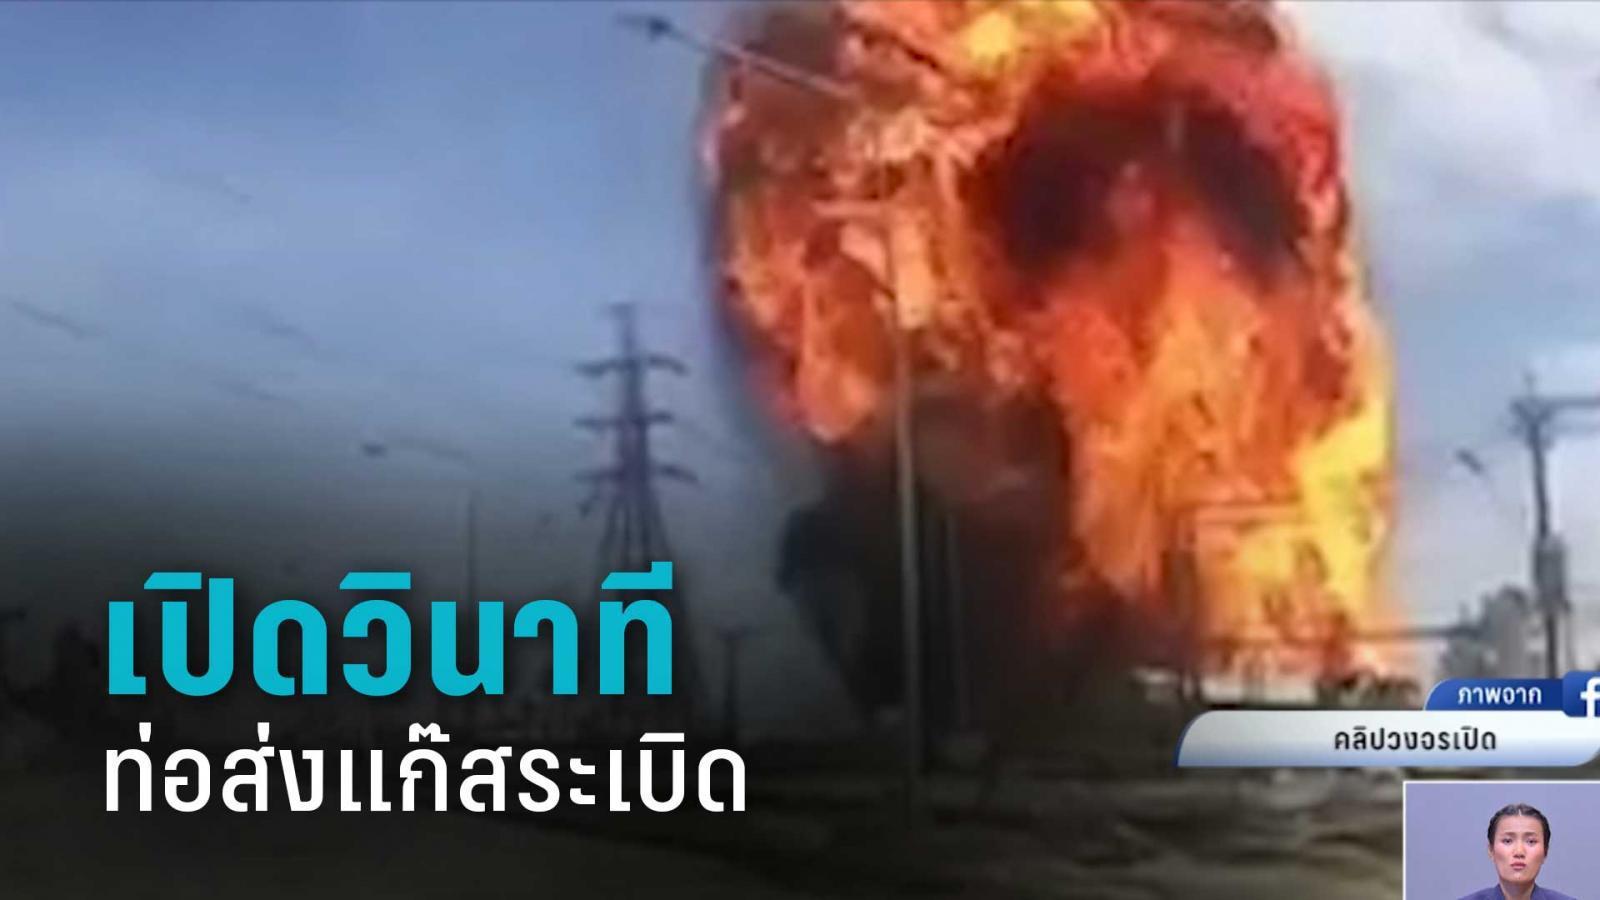 เปิดคลิป วินาทีท่อส่งแก๊สระเบิด คนวิ่งหนีตาย